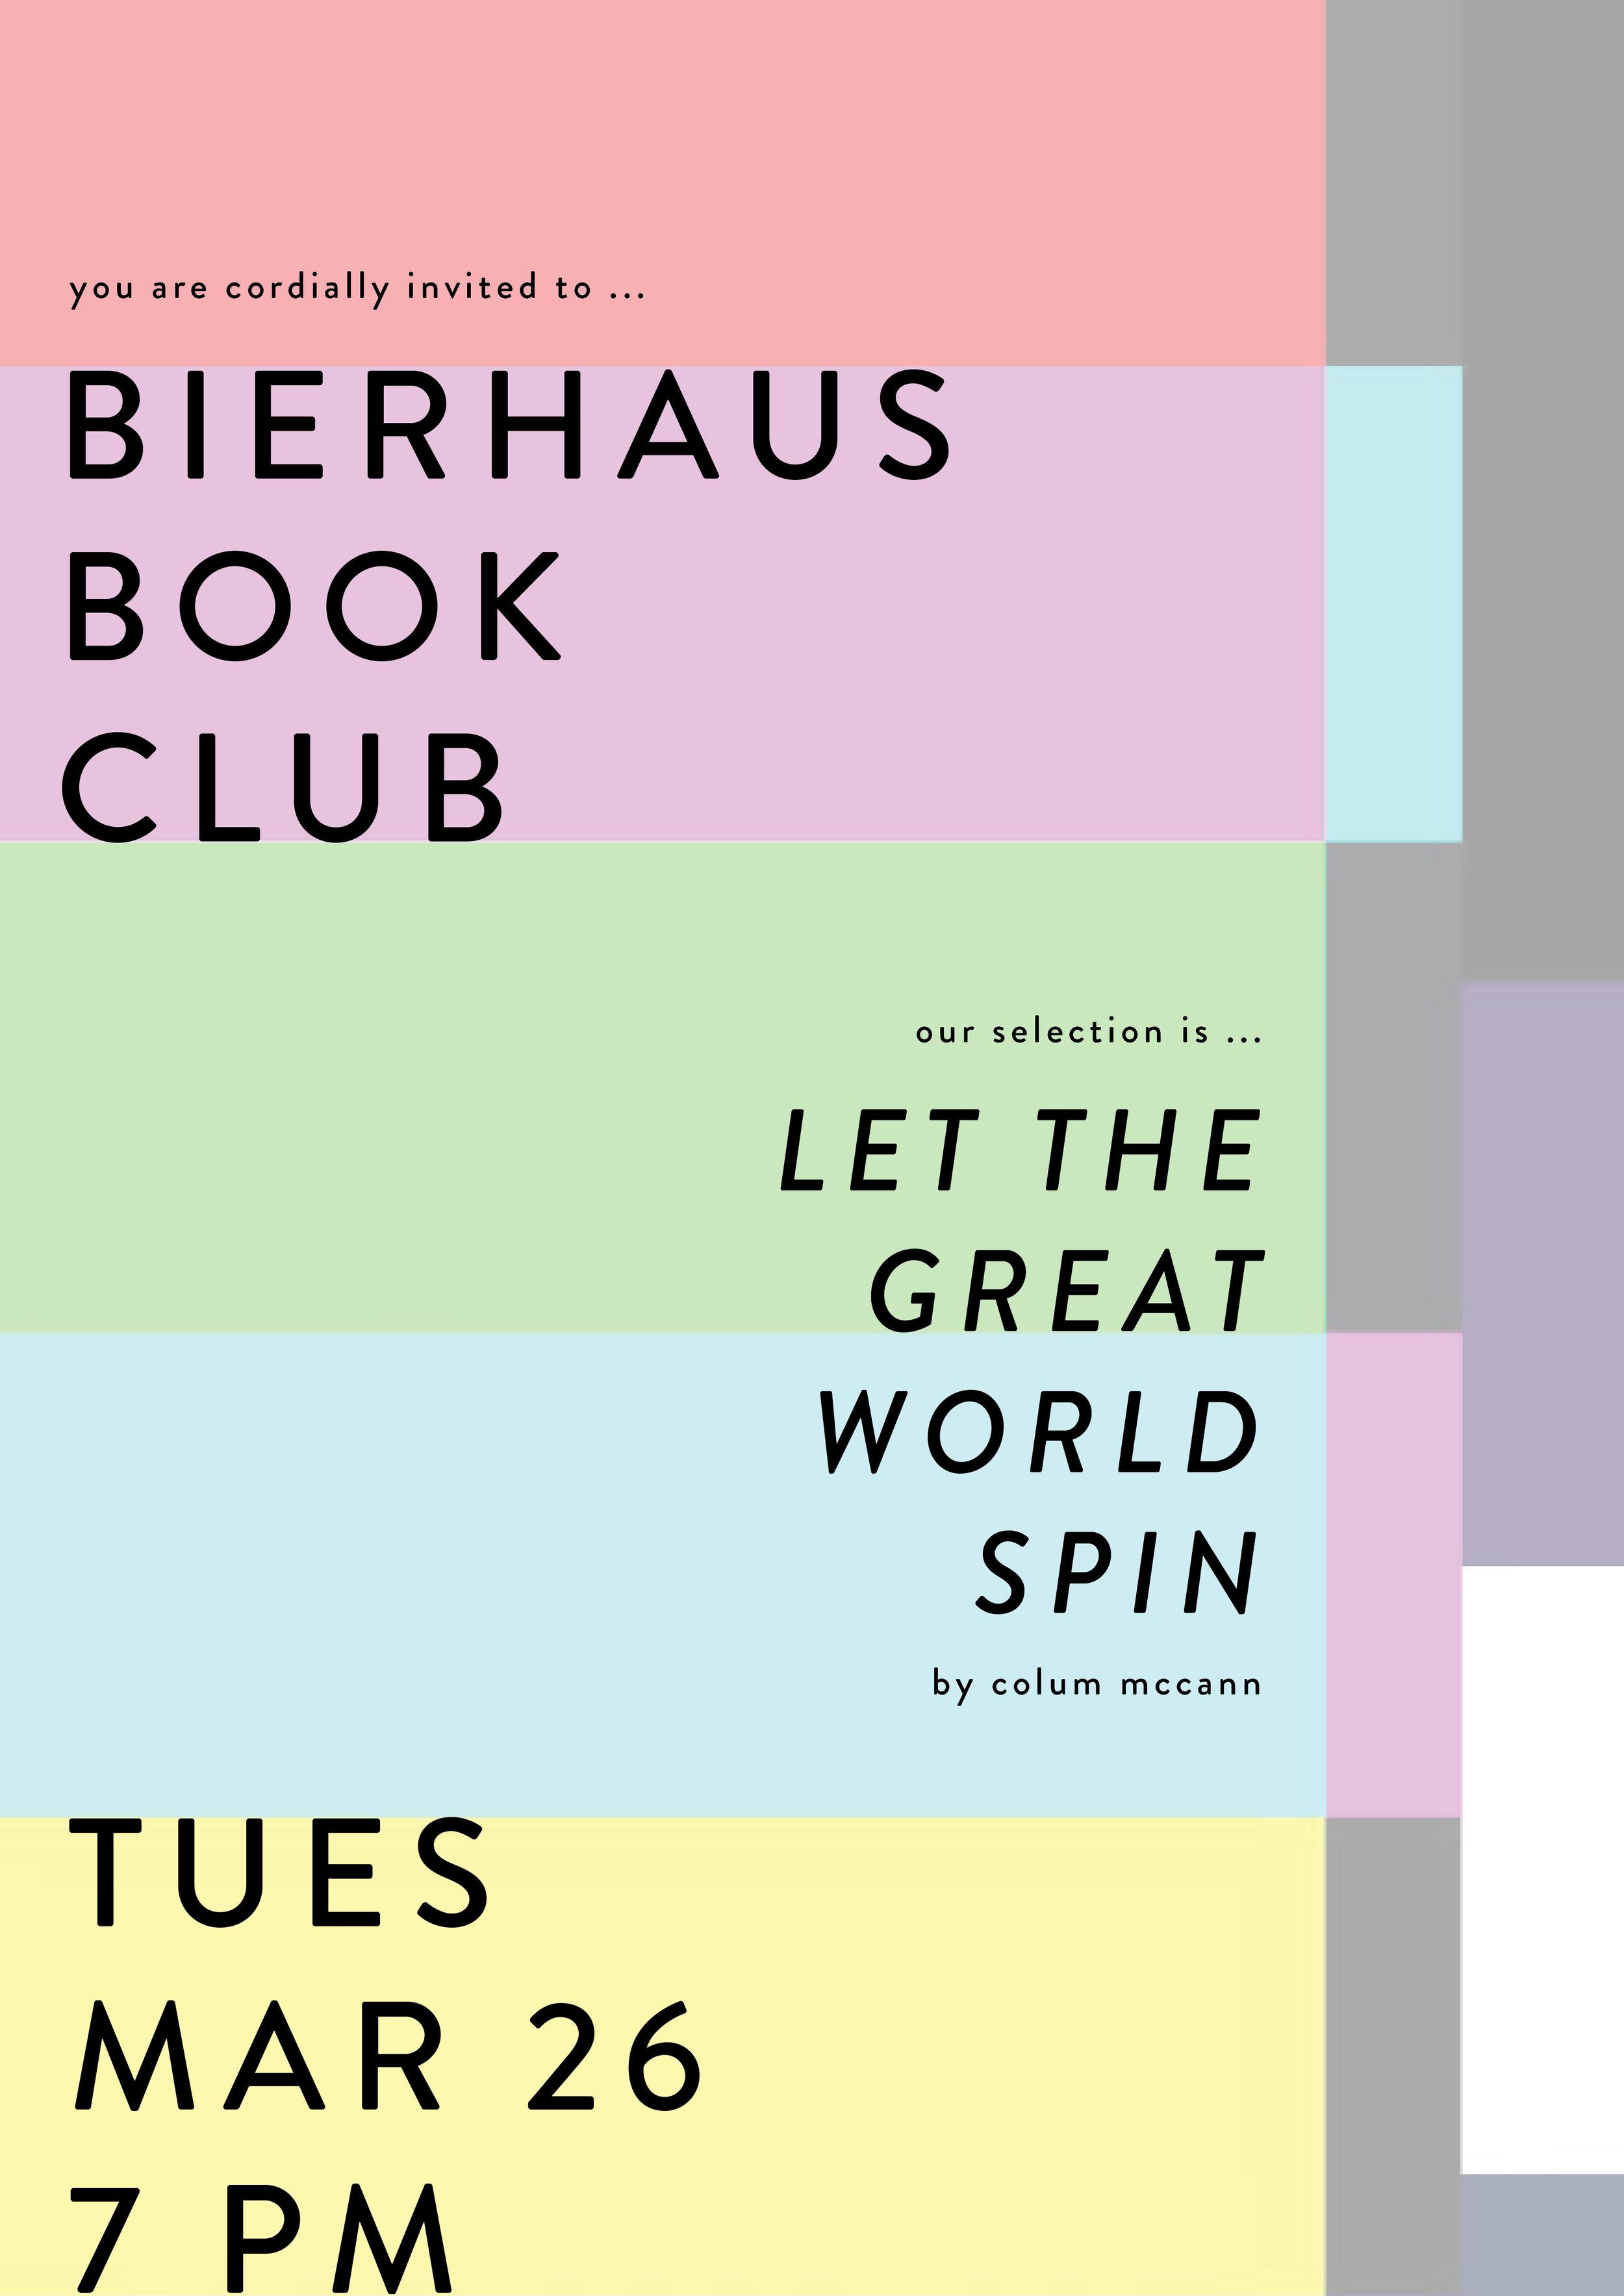 Bierhaus-Galway-Bierhaus-Book-Club